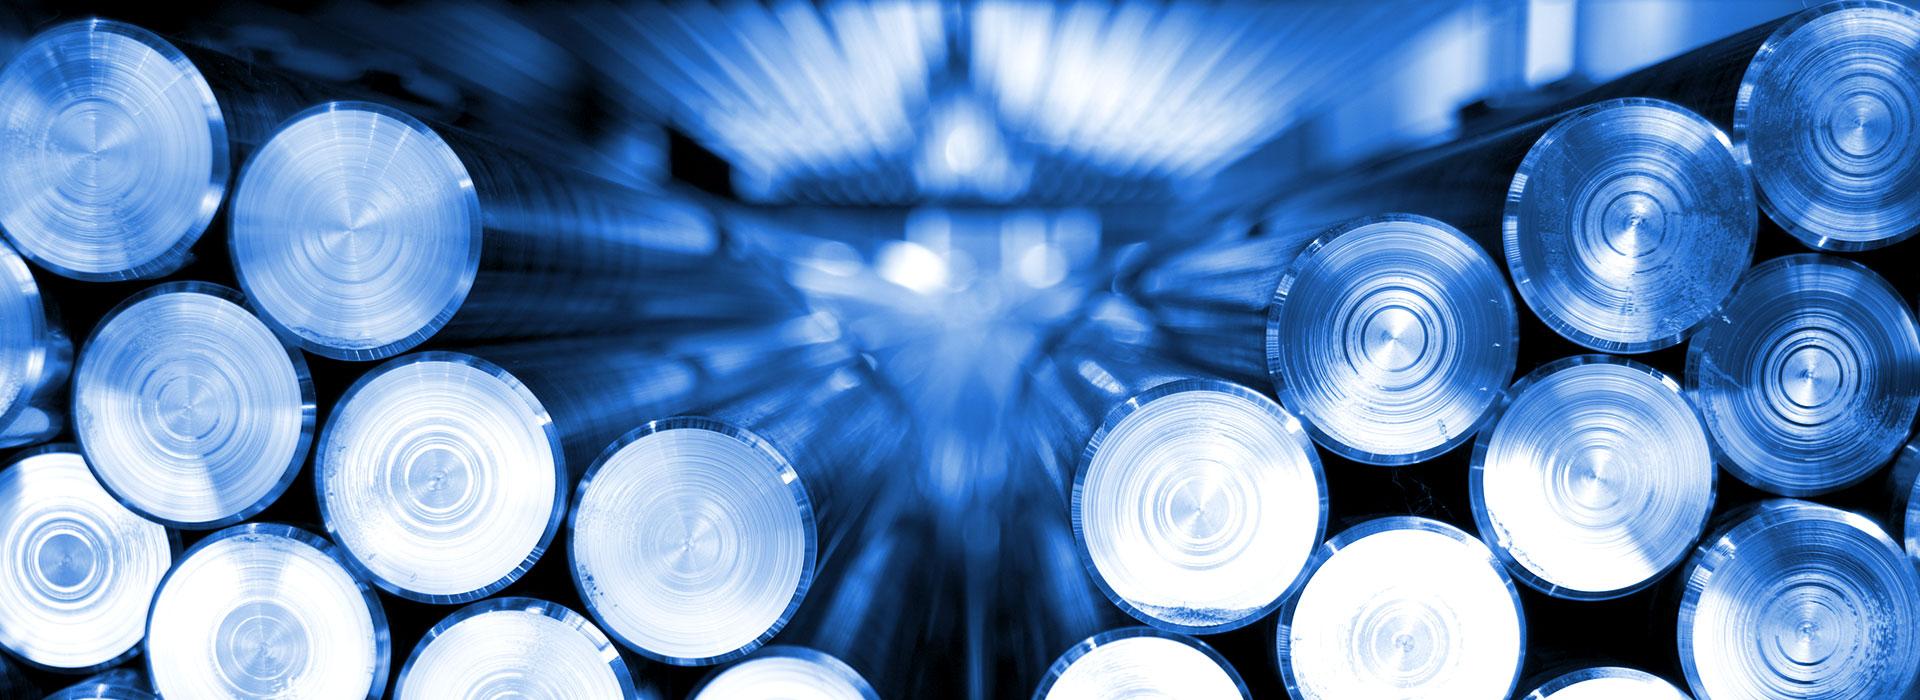 Rundstahl 42CrMo4 C//SH Durchmesser /Ø 8mm x 1000mm QT 1.7225 Blankstahl gezogen gesch/ält h9